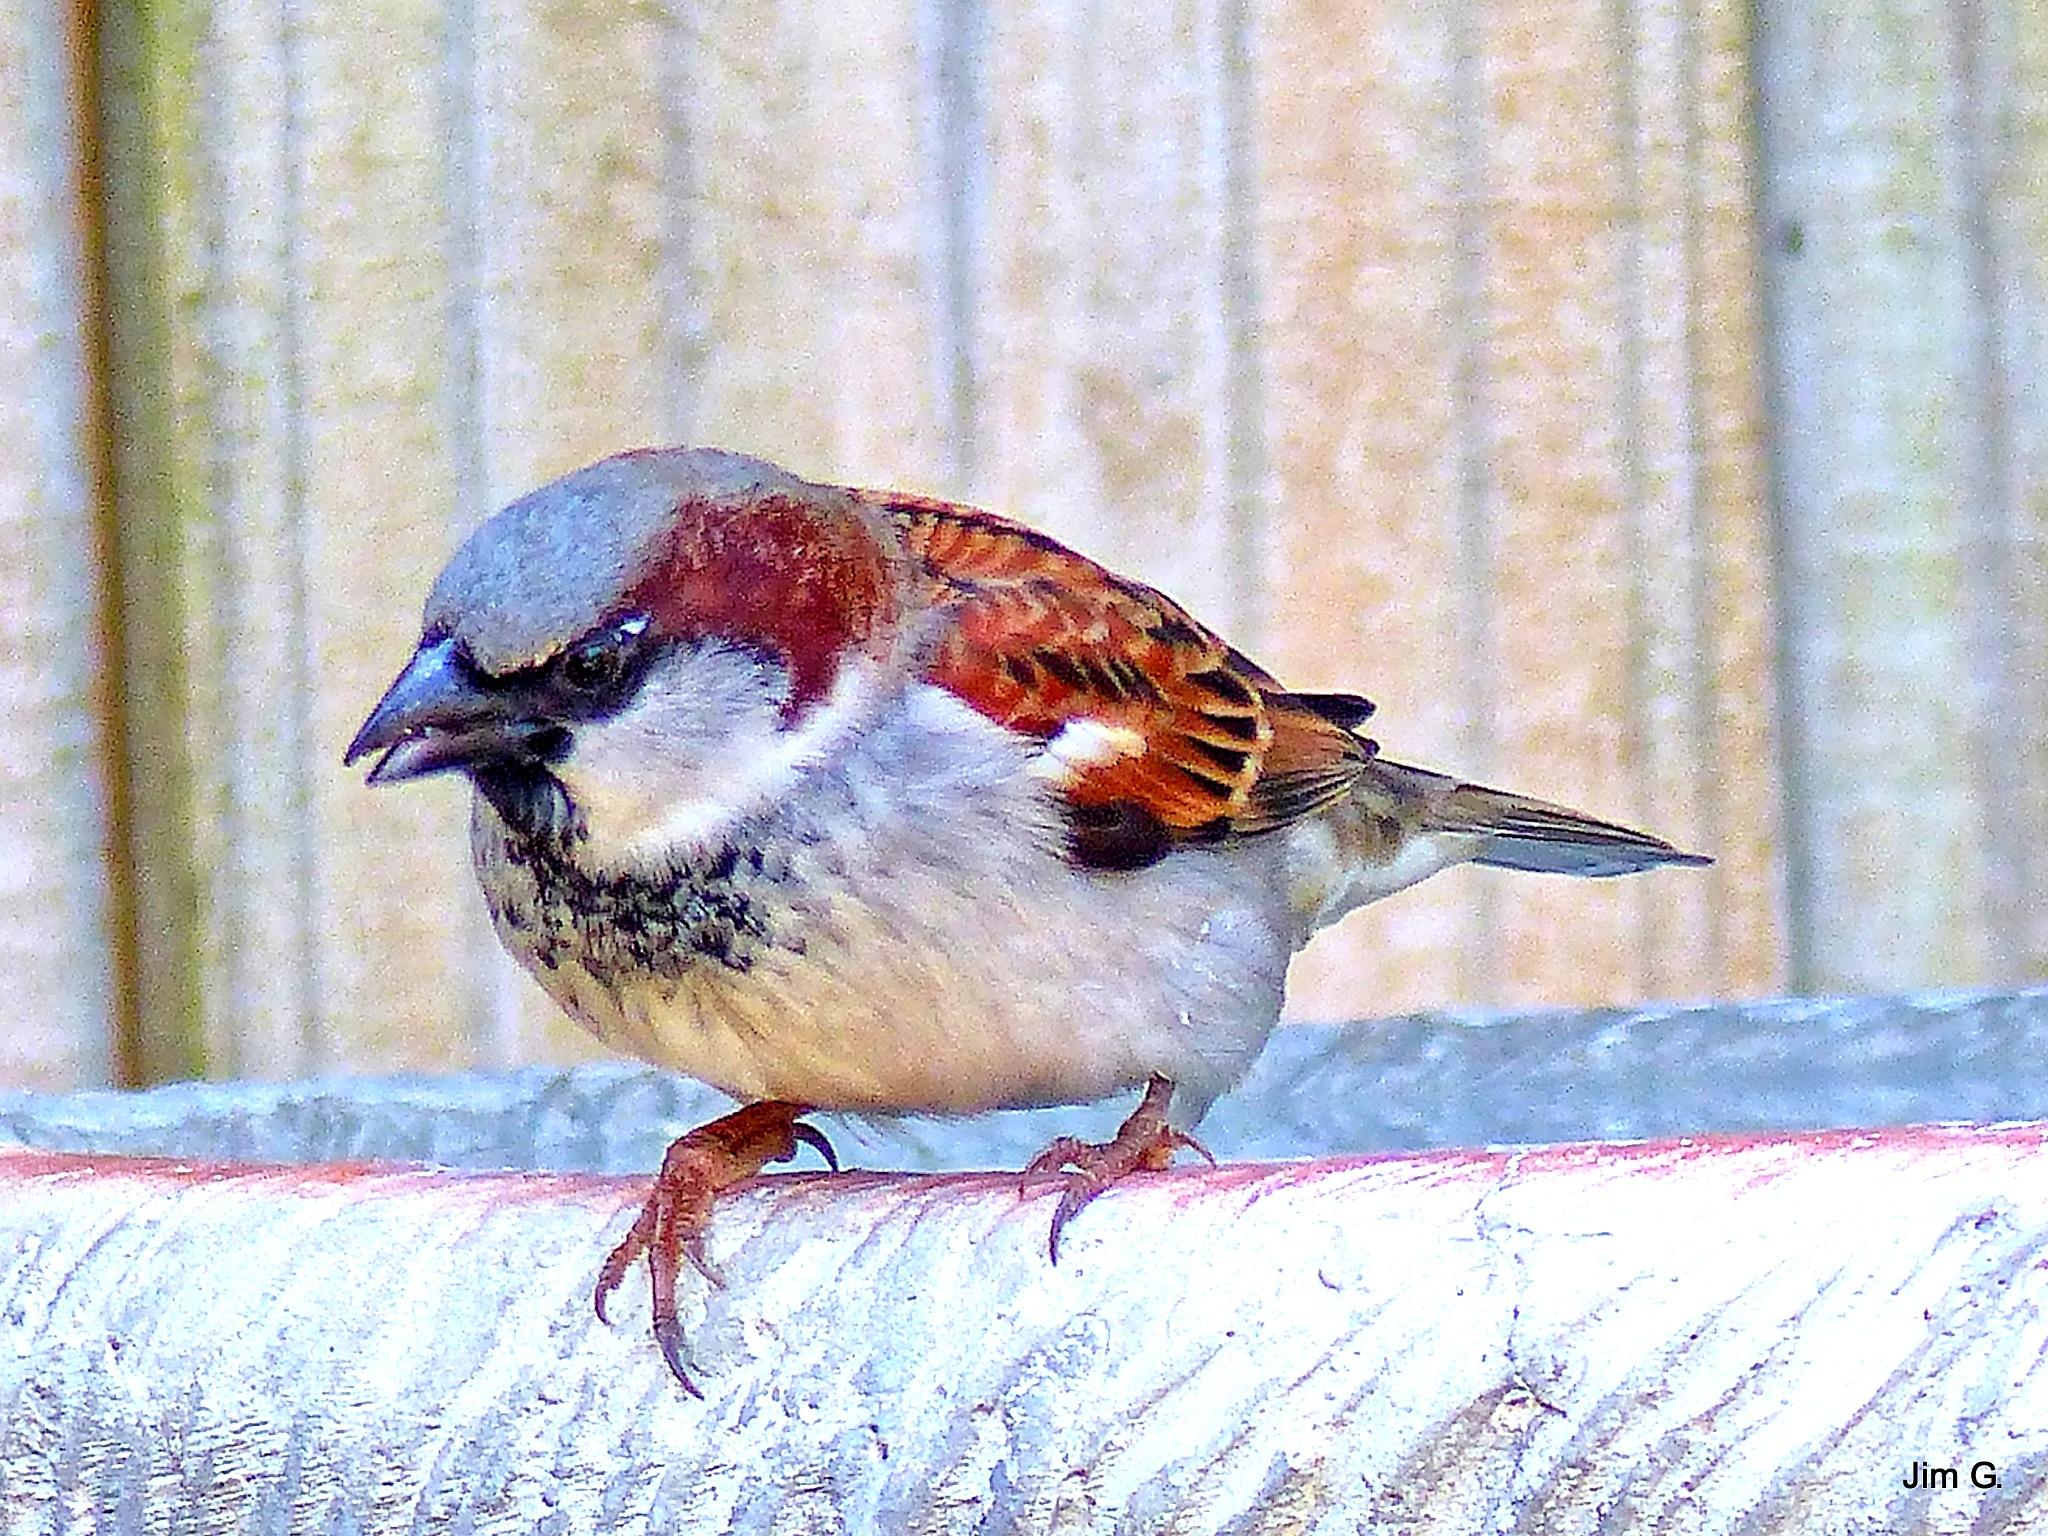 House Sparrow on bird bath by Jim Graham